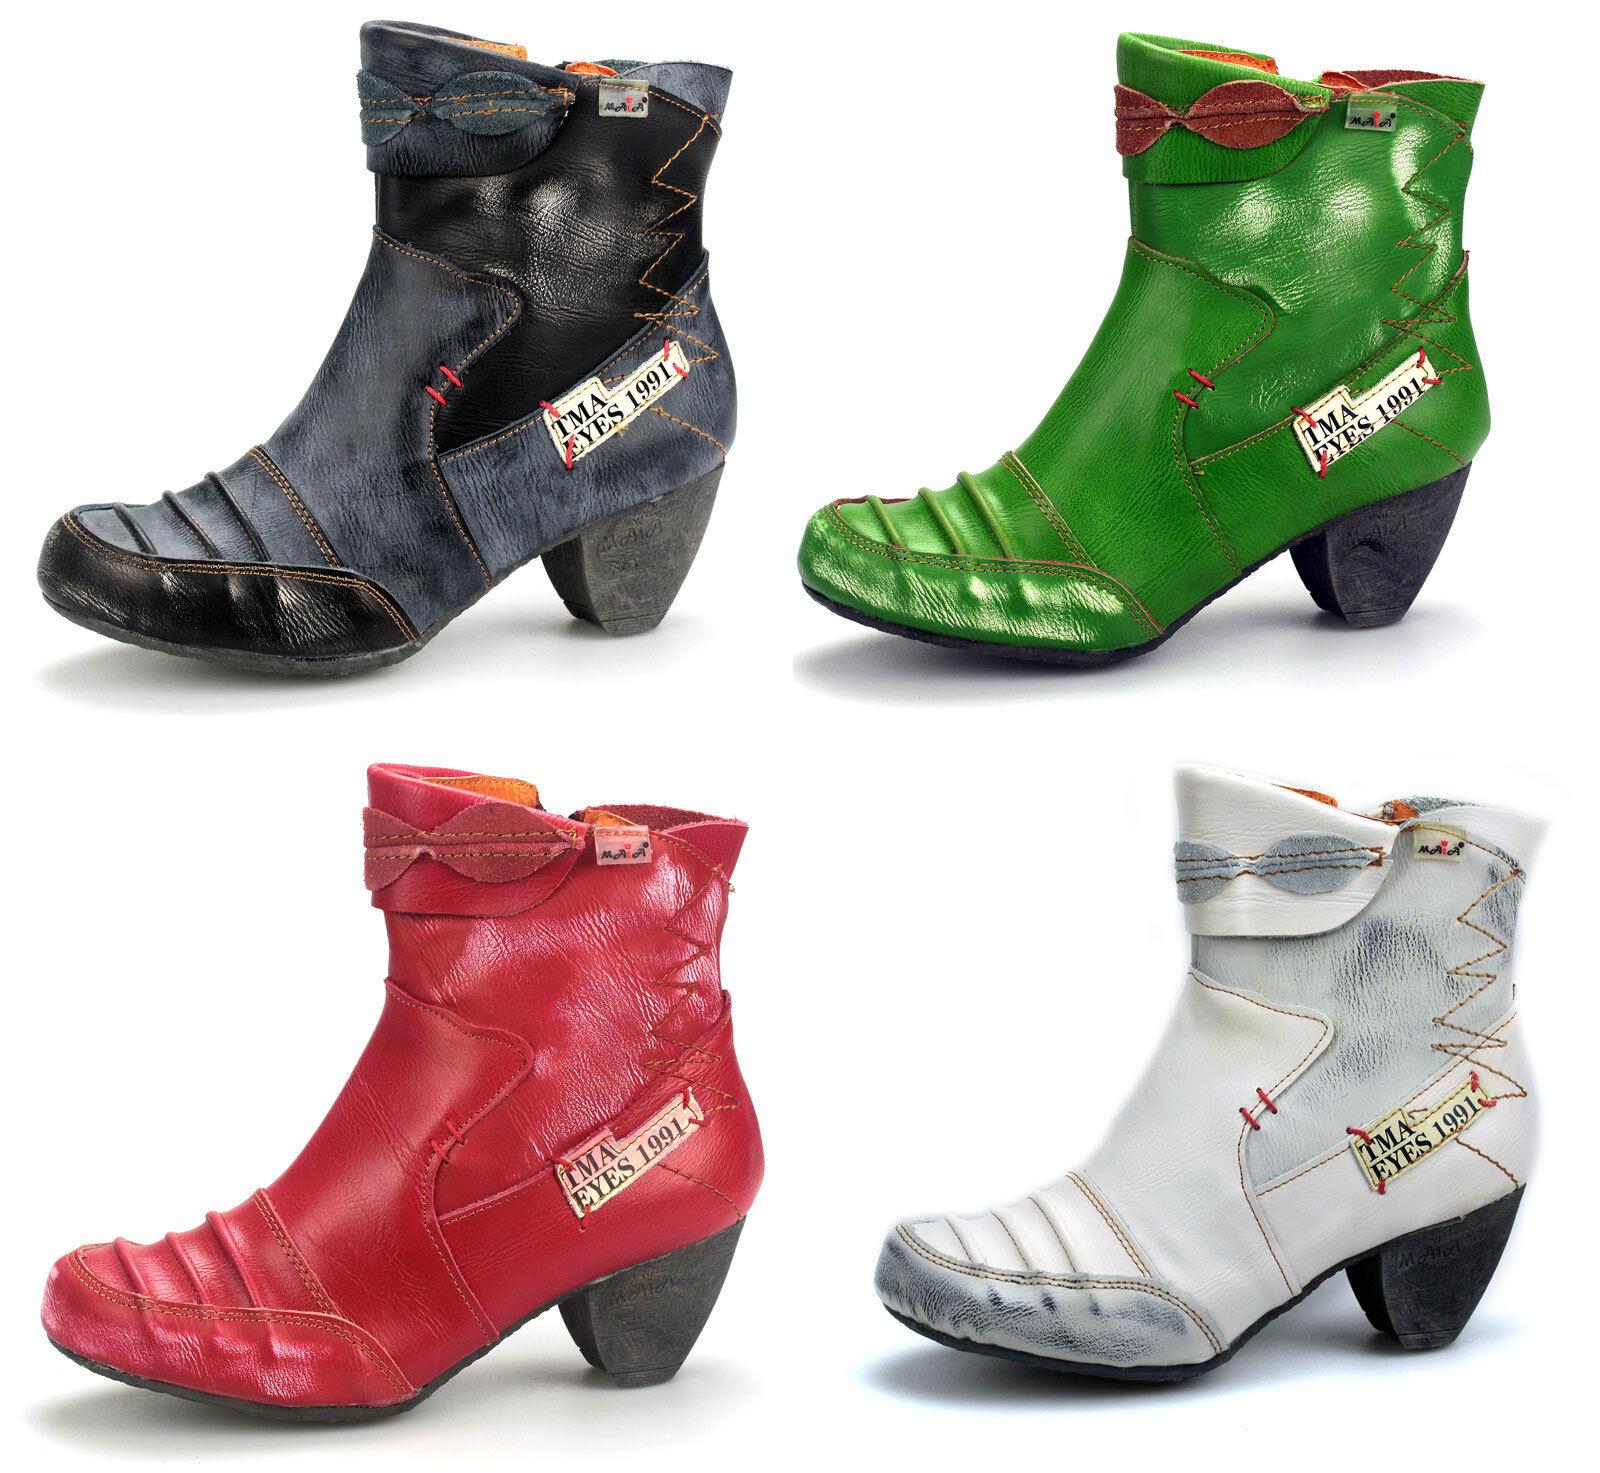 TMA Damen Stiefeletten Stiefel Stiefel Leder Damenschuhe Booty 8909